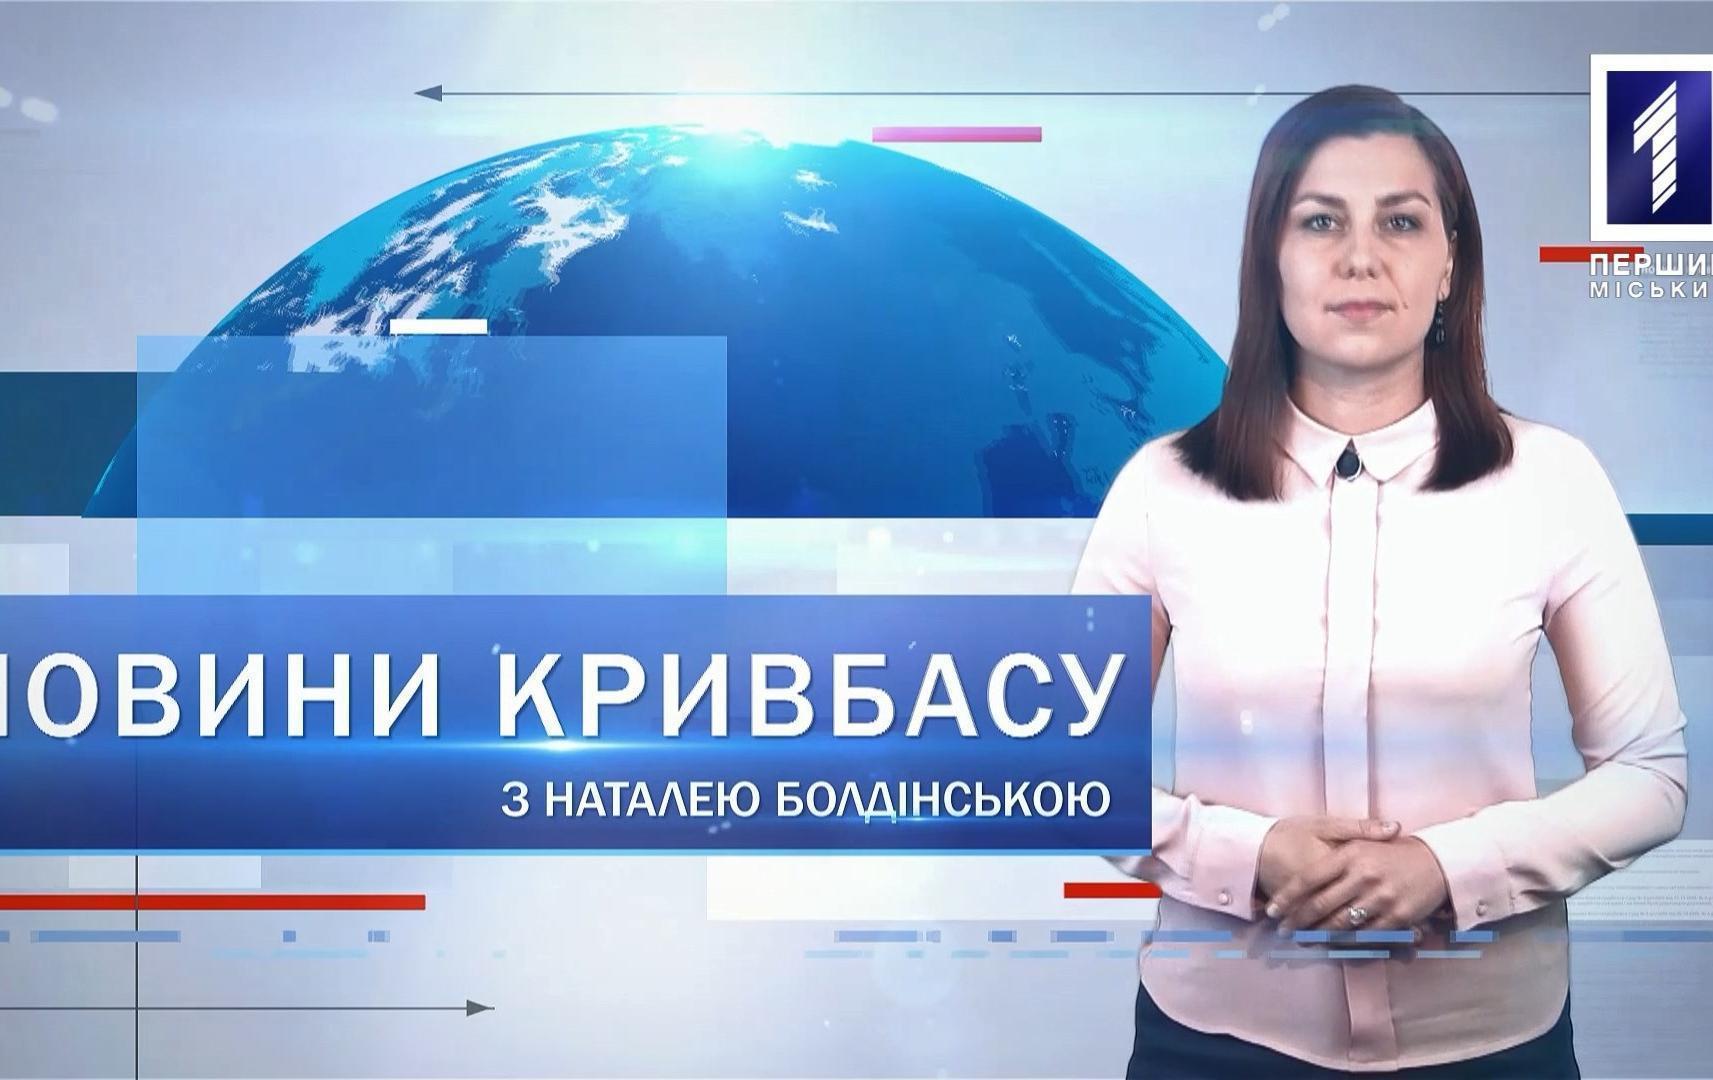 Новини Кривбасу 15 липня: відставка Авакова, леви у парку Героїв, виставка Олени Плотнікової